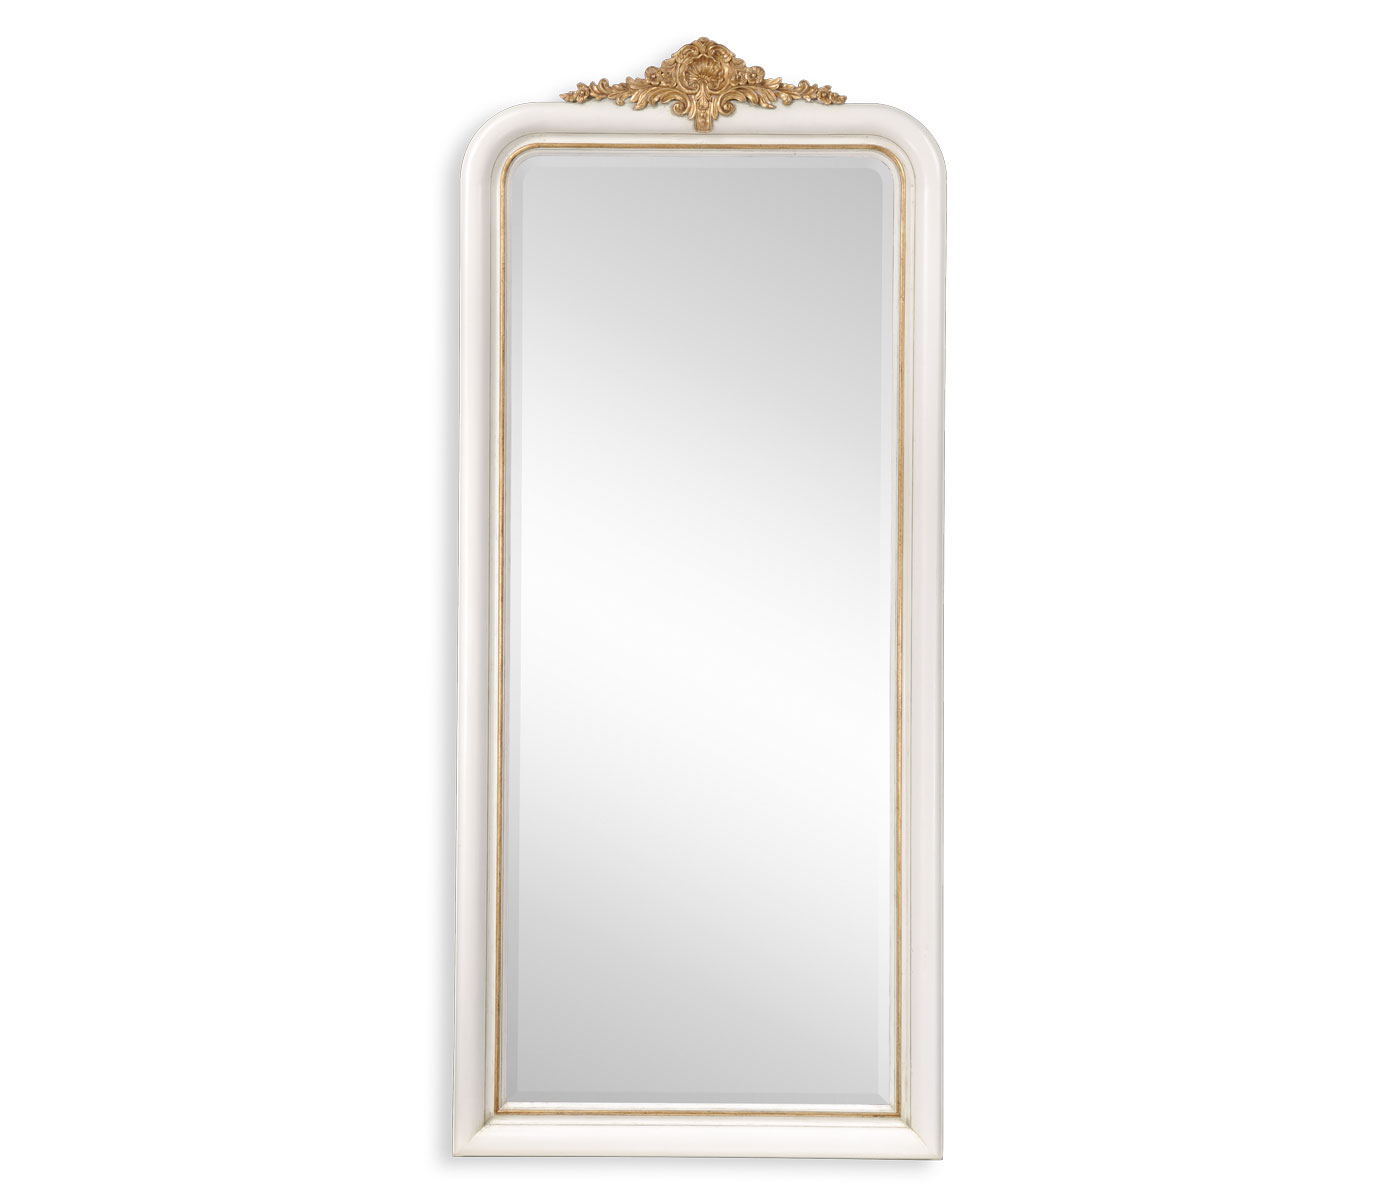 White & Gilded Mirror (Full Length)